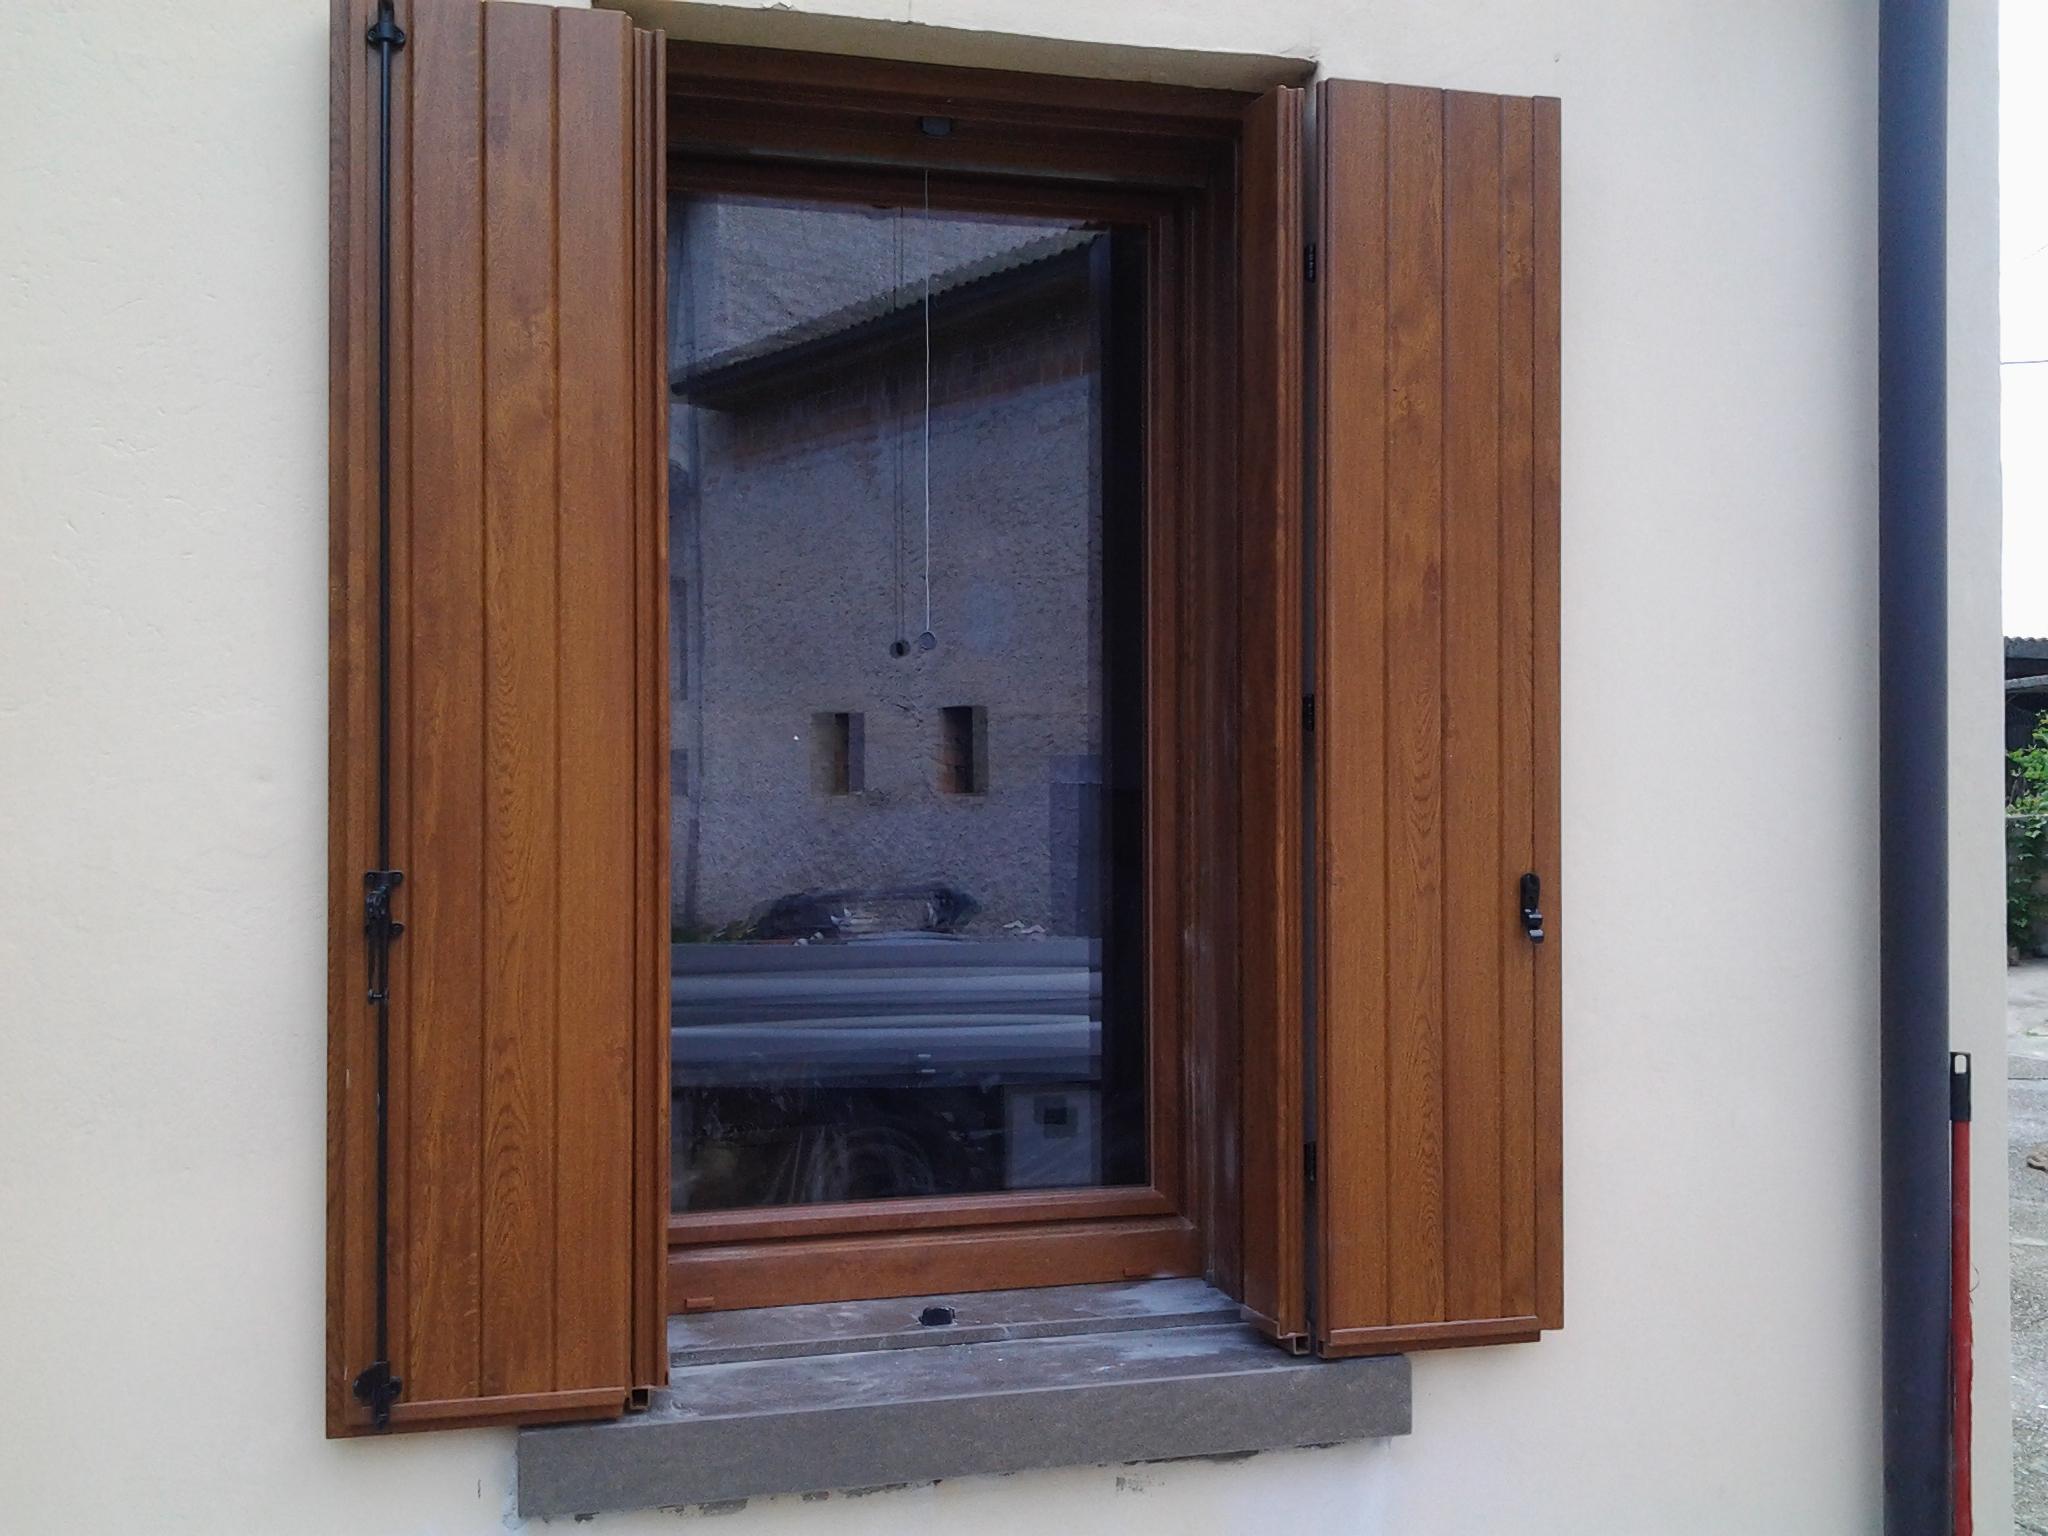 Serramenti pvc alfaserramenti - Pvc finestre prezzi ...